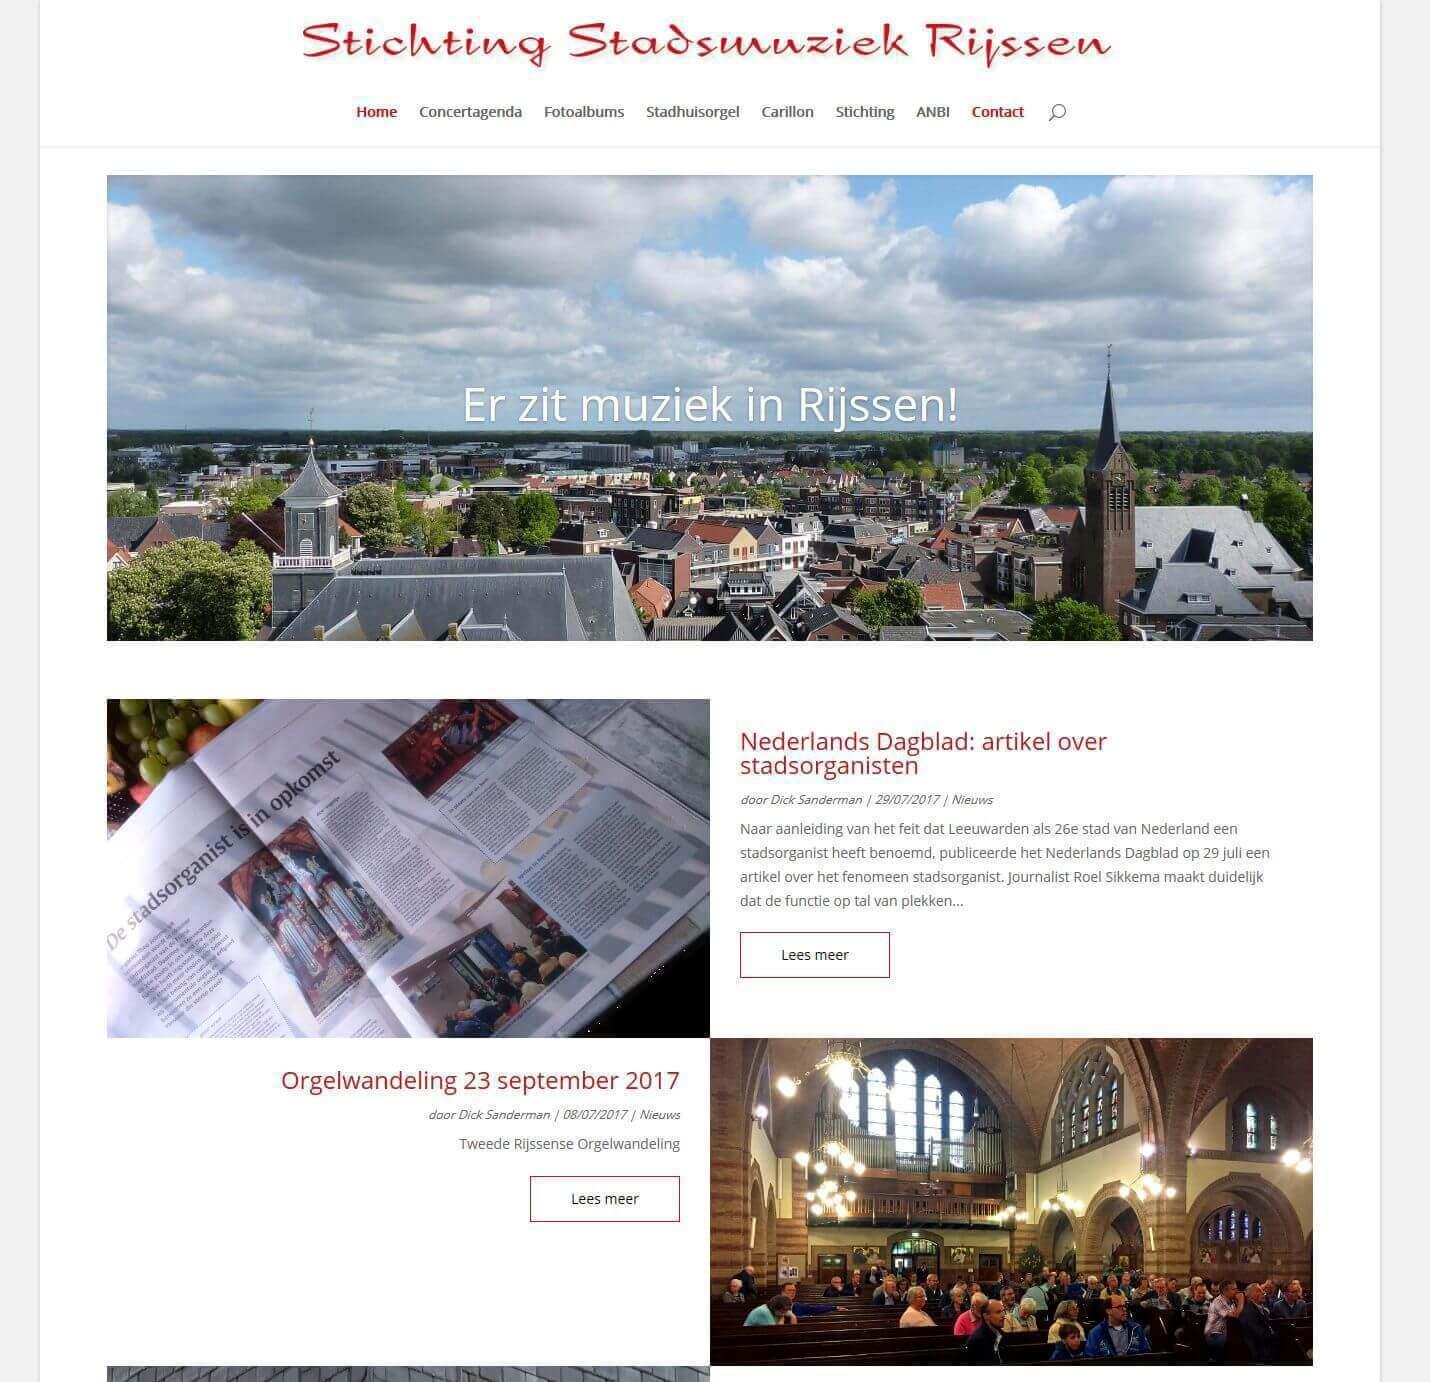 Afbeelding Website Stadsmuziek Rijssen